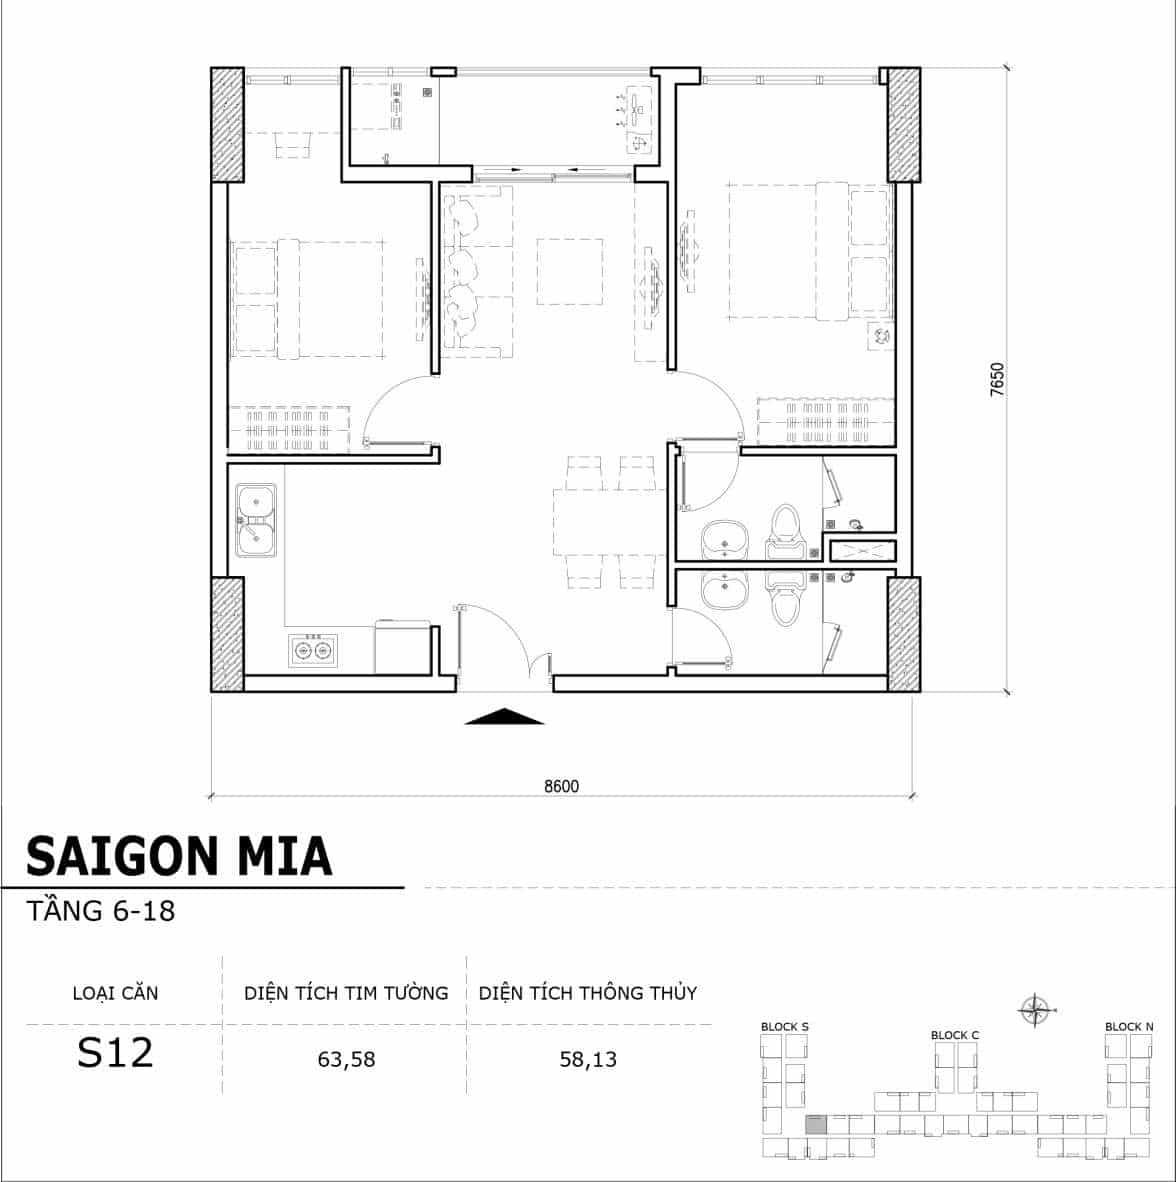 Chi tiết thiết kế căn hộ điển hình tầng 6-18 dự án Sài Gòn Mia - Căn S12